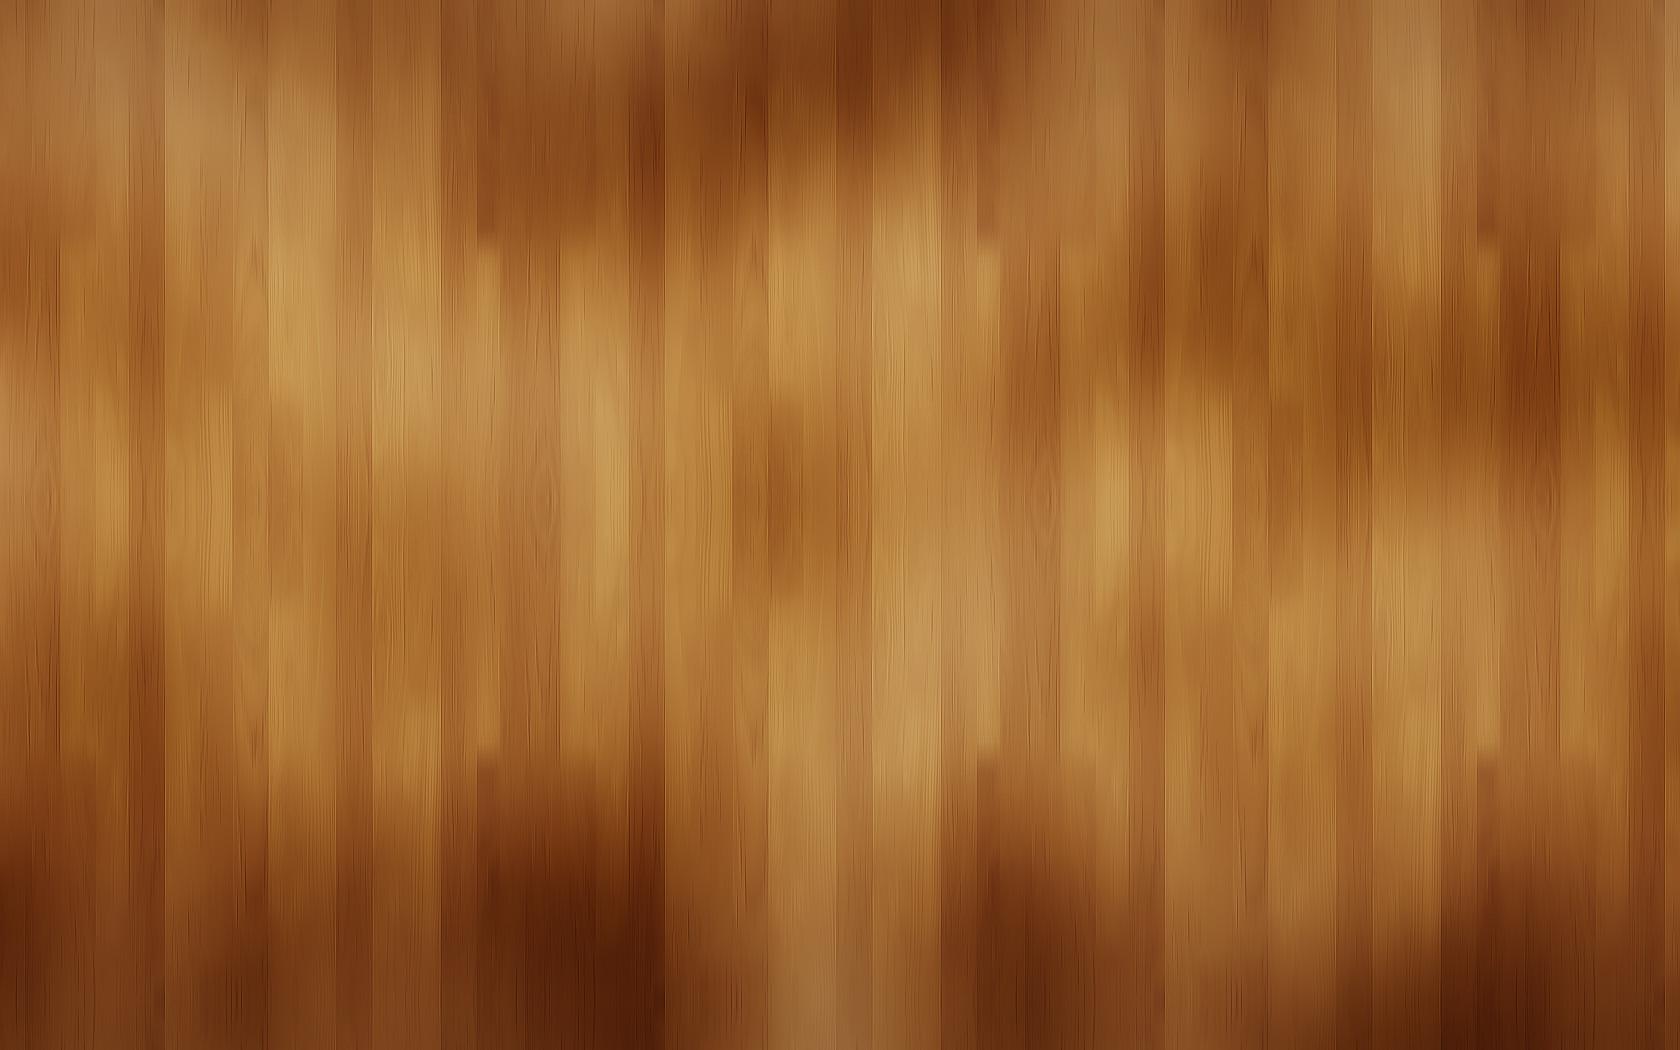 wood wallpaper by rachid7hmid on deviantart